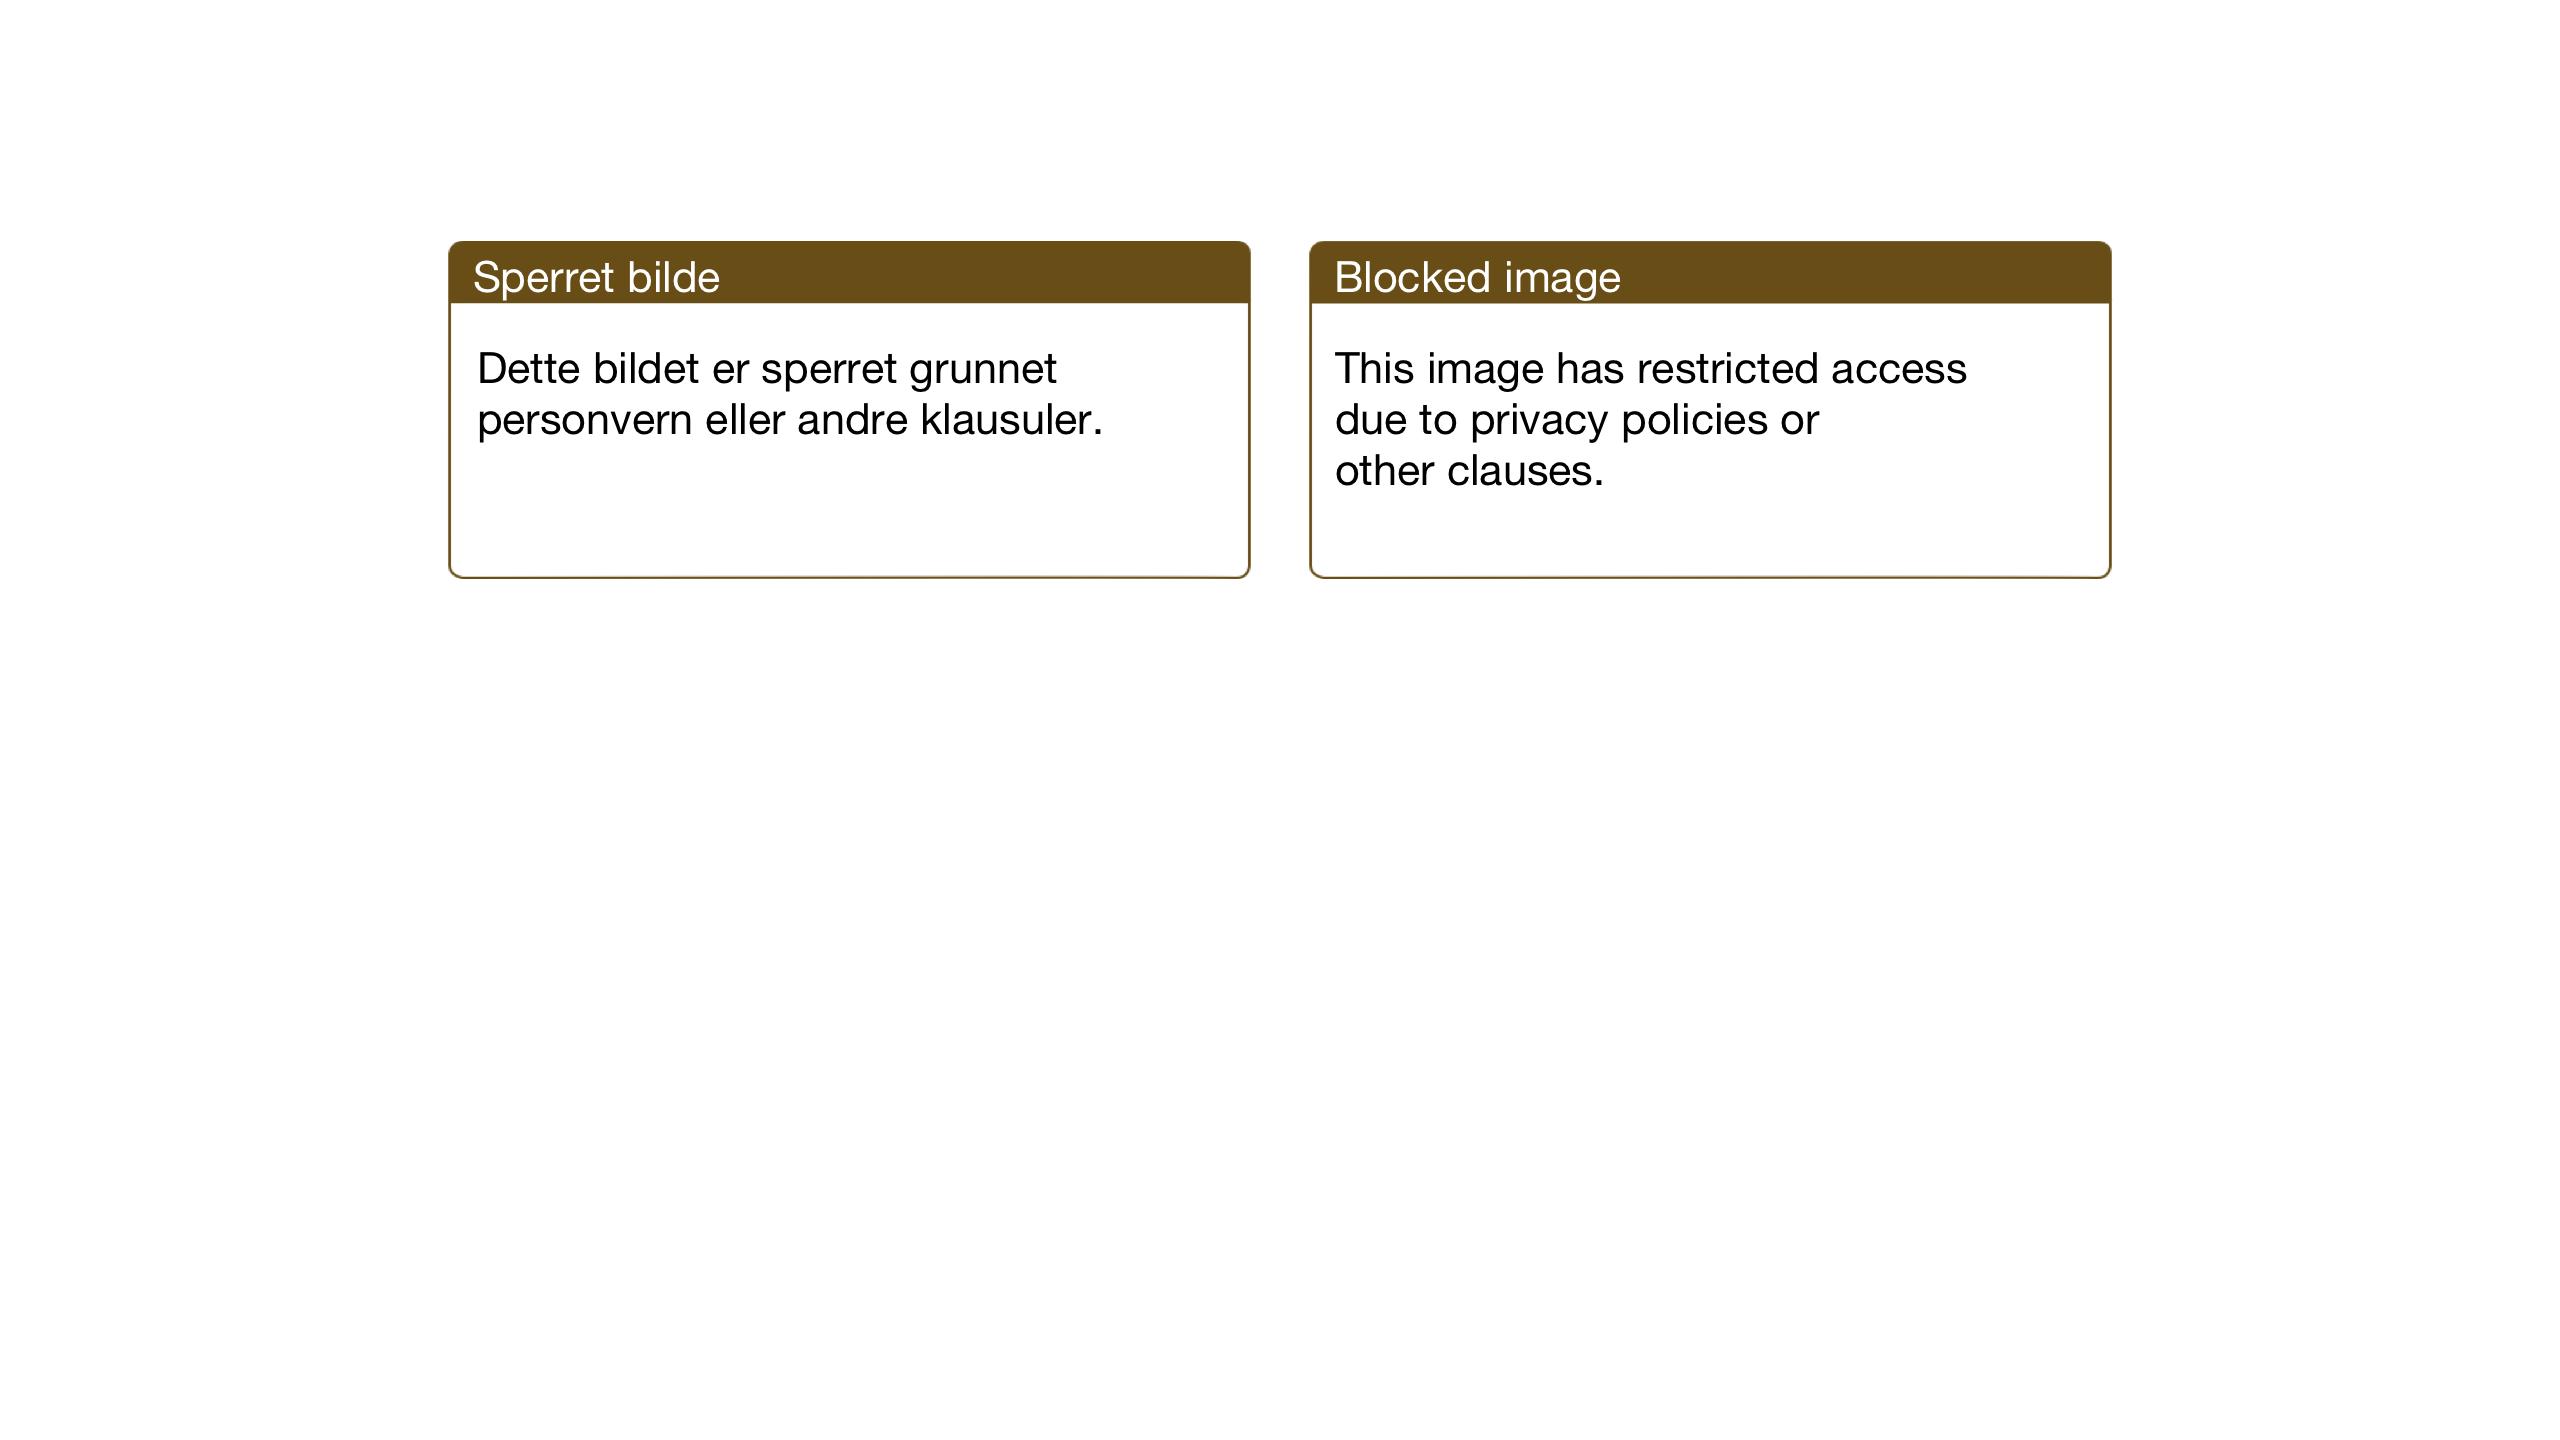 SAT, Ministerialprotokoller, klokkerbøker og fødselsregistre - Sør-Trøndelag, 698/L1169: Klokkerbok nr. 698C06, 1930-1949, s. 29